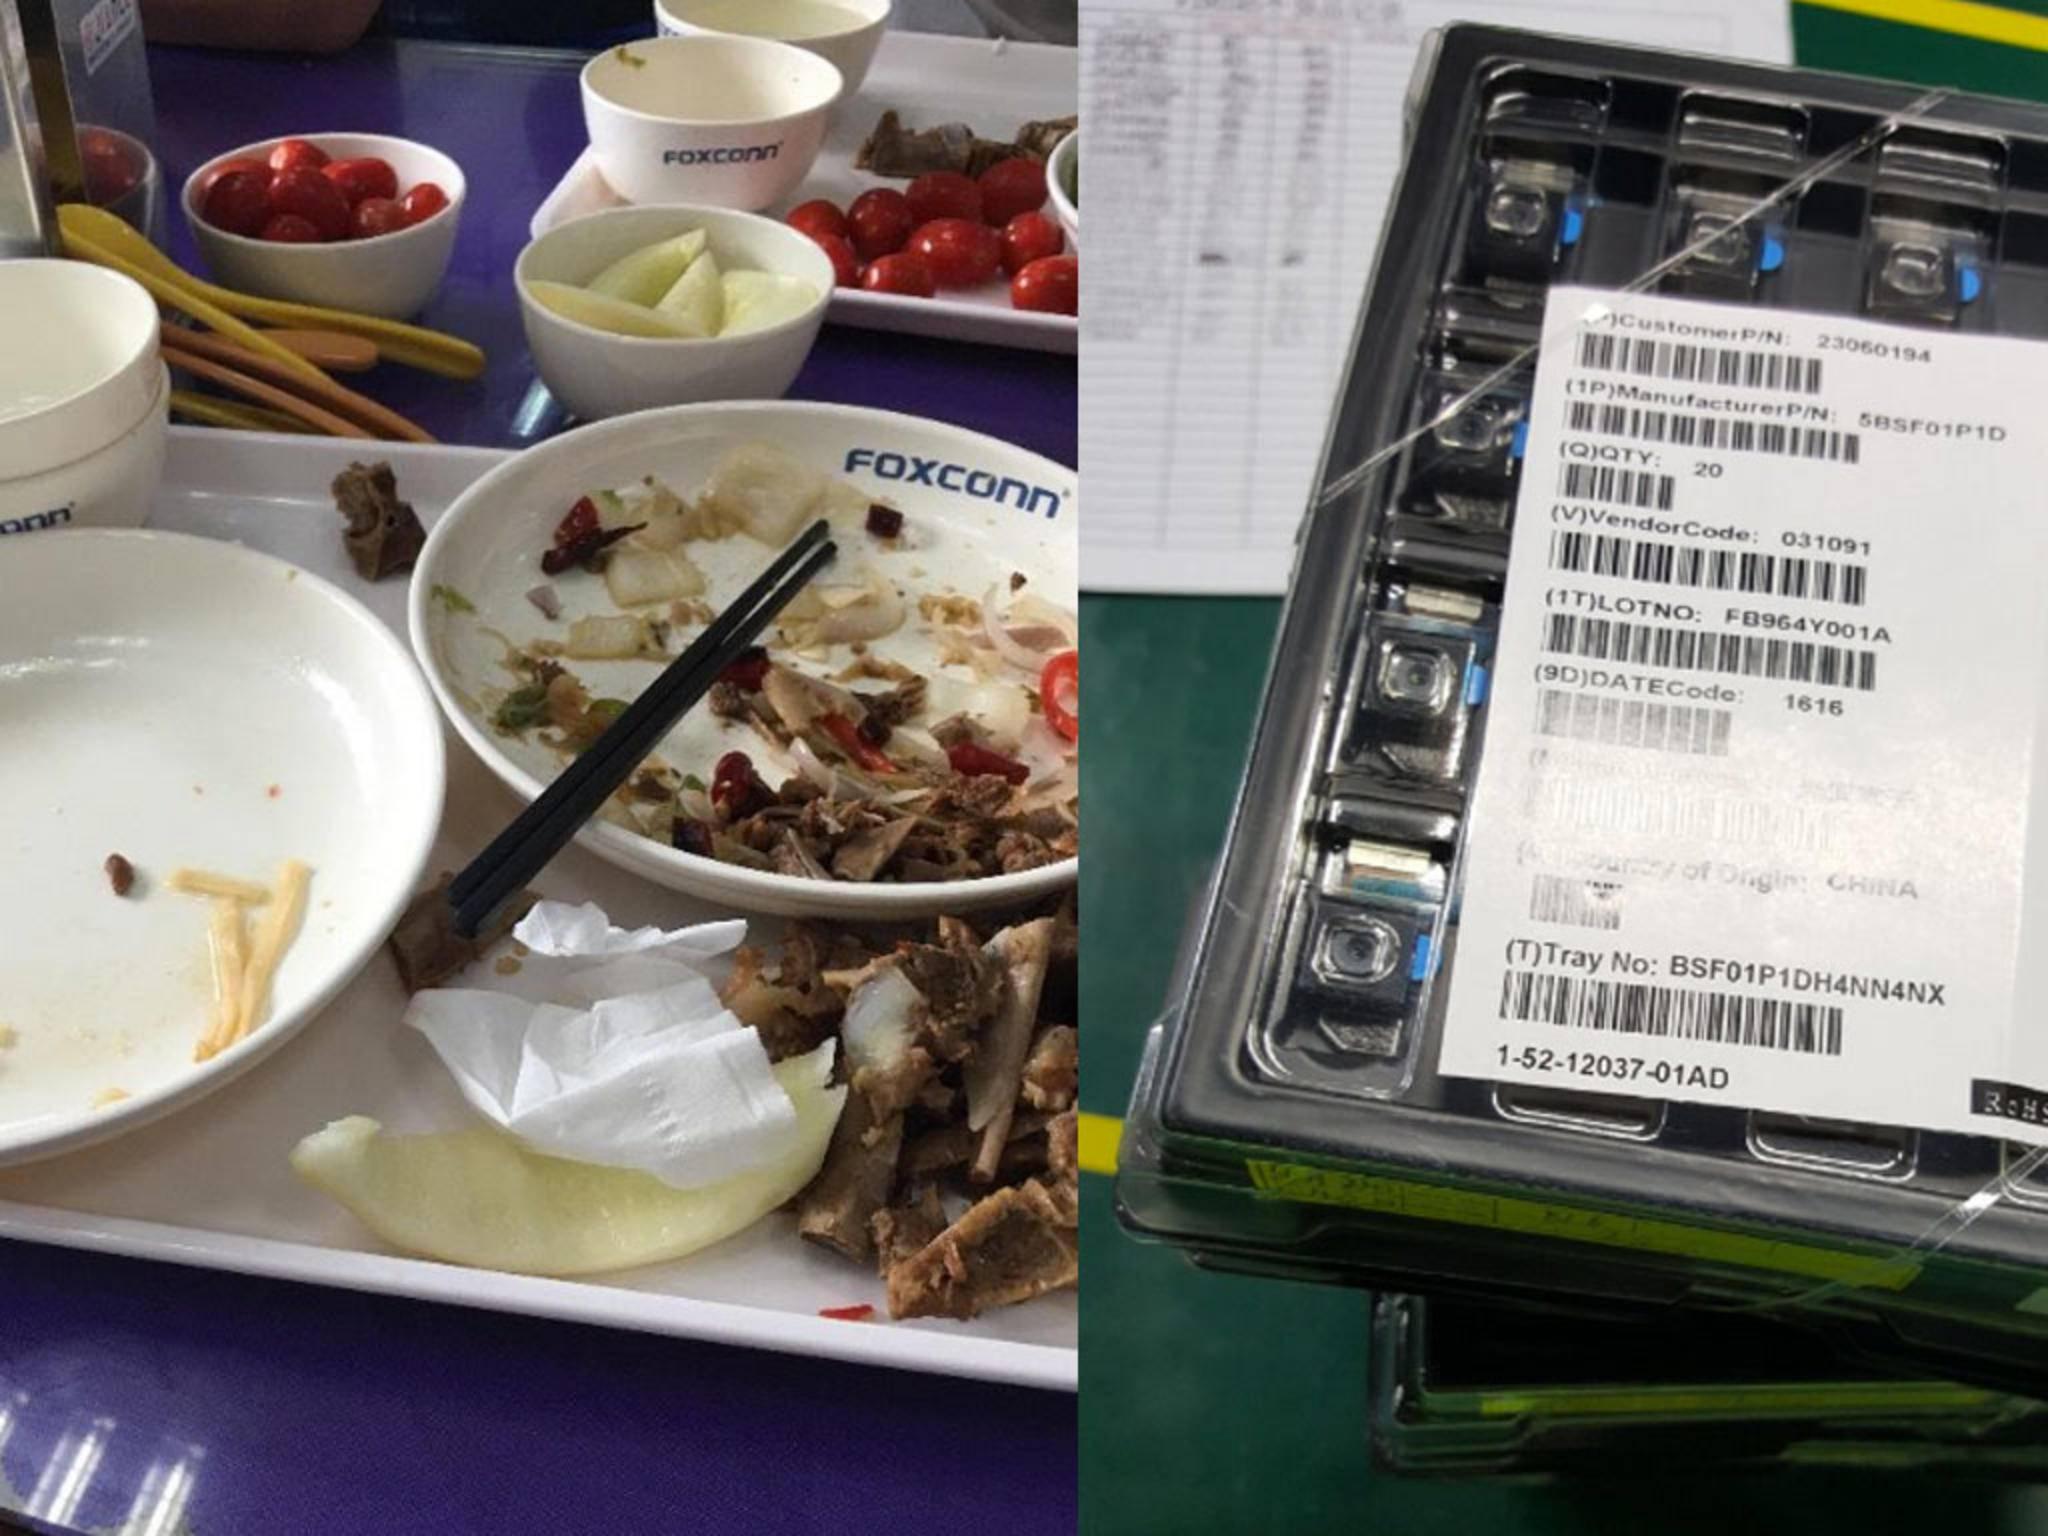 Angebliche Fotos aus einem FoxconnWerk.